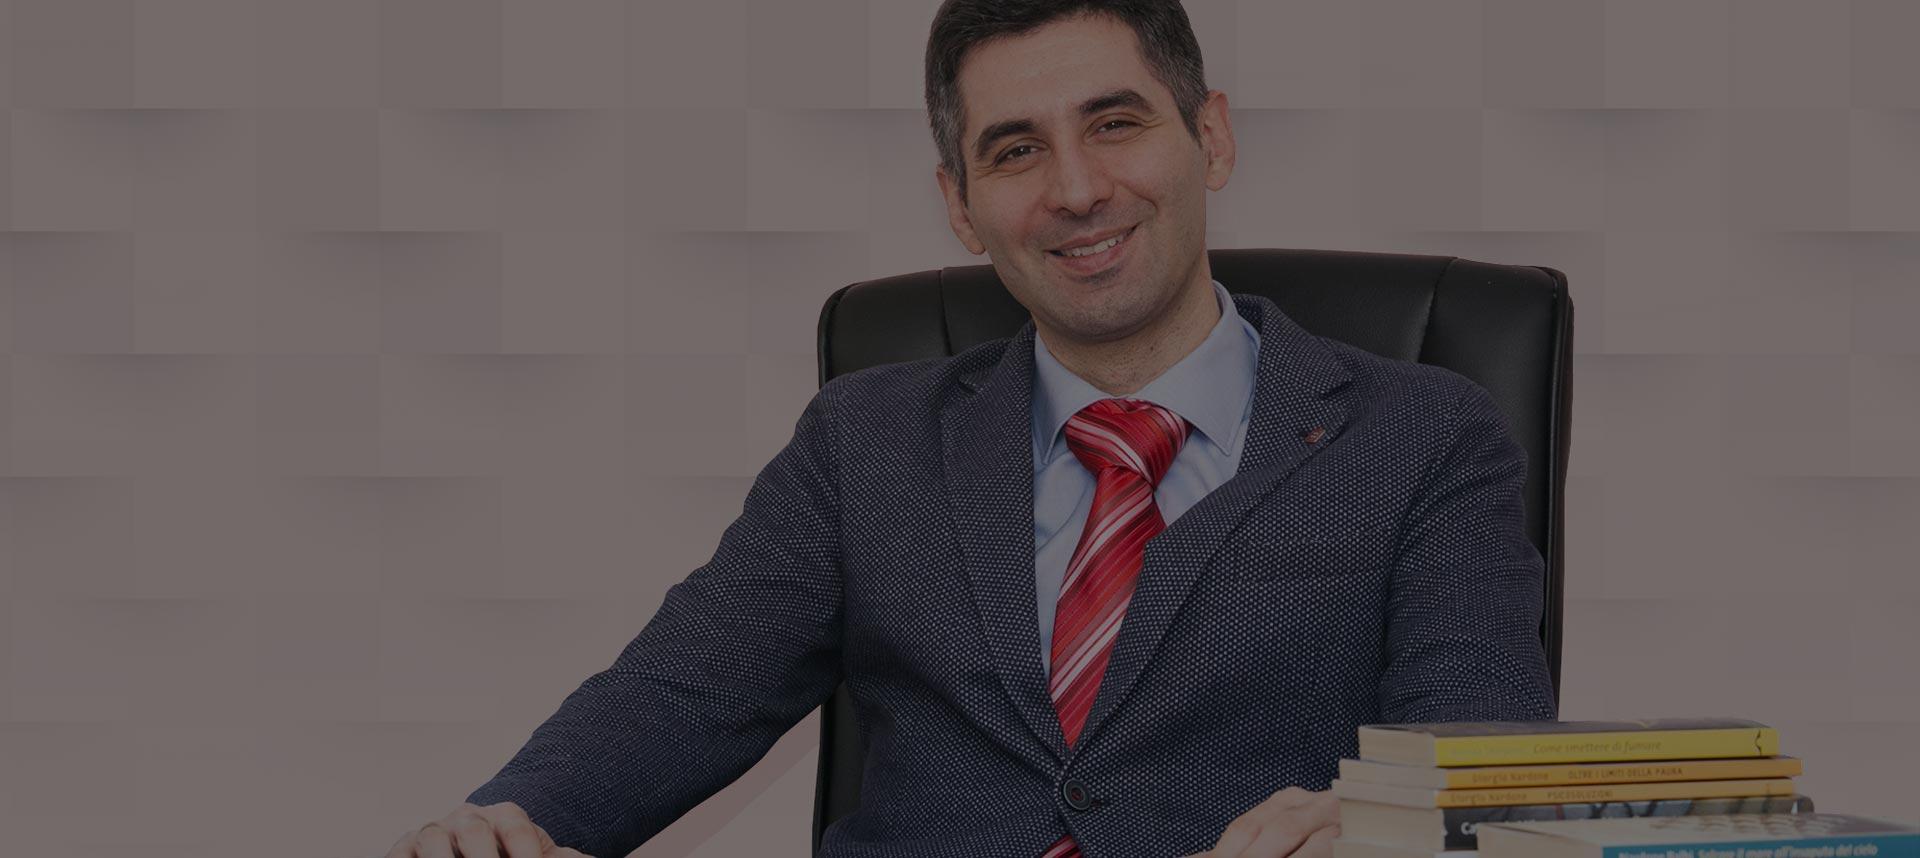 Dott. Giorgio Ioimo - Psicologo Torino